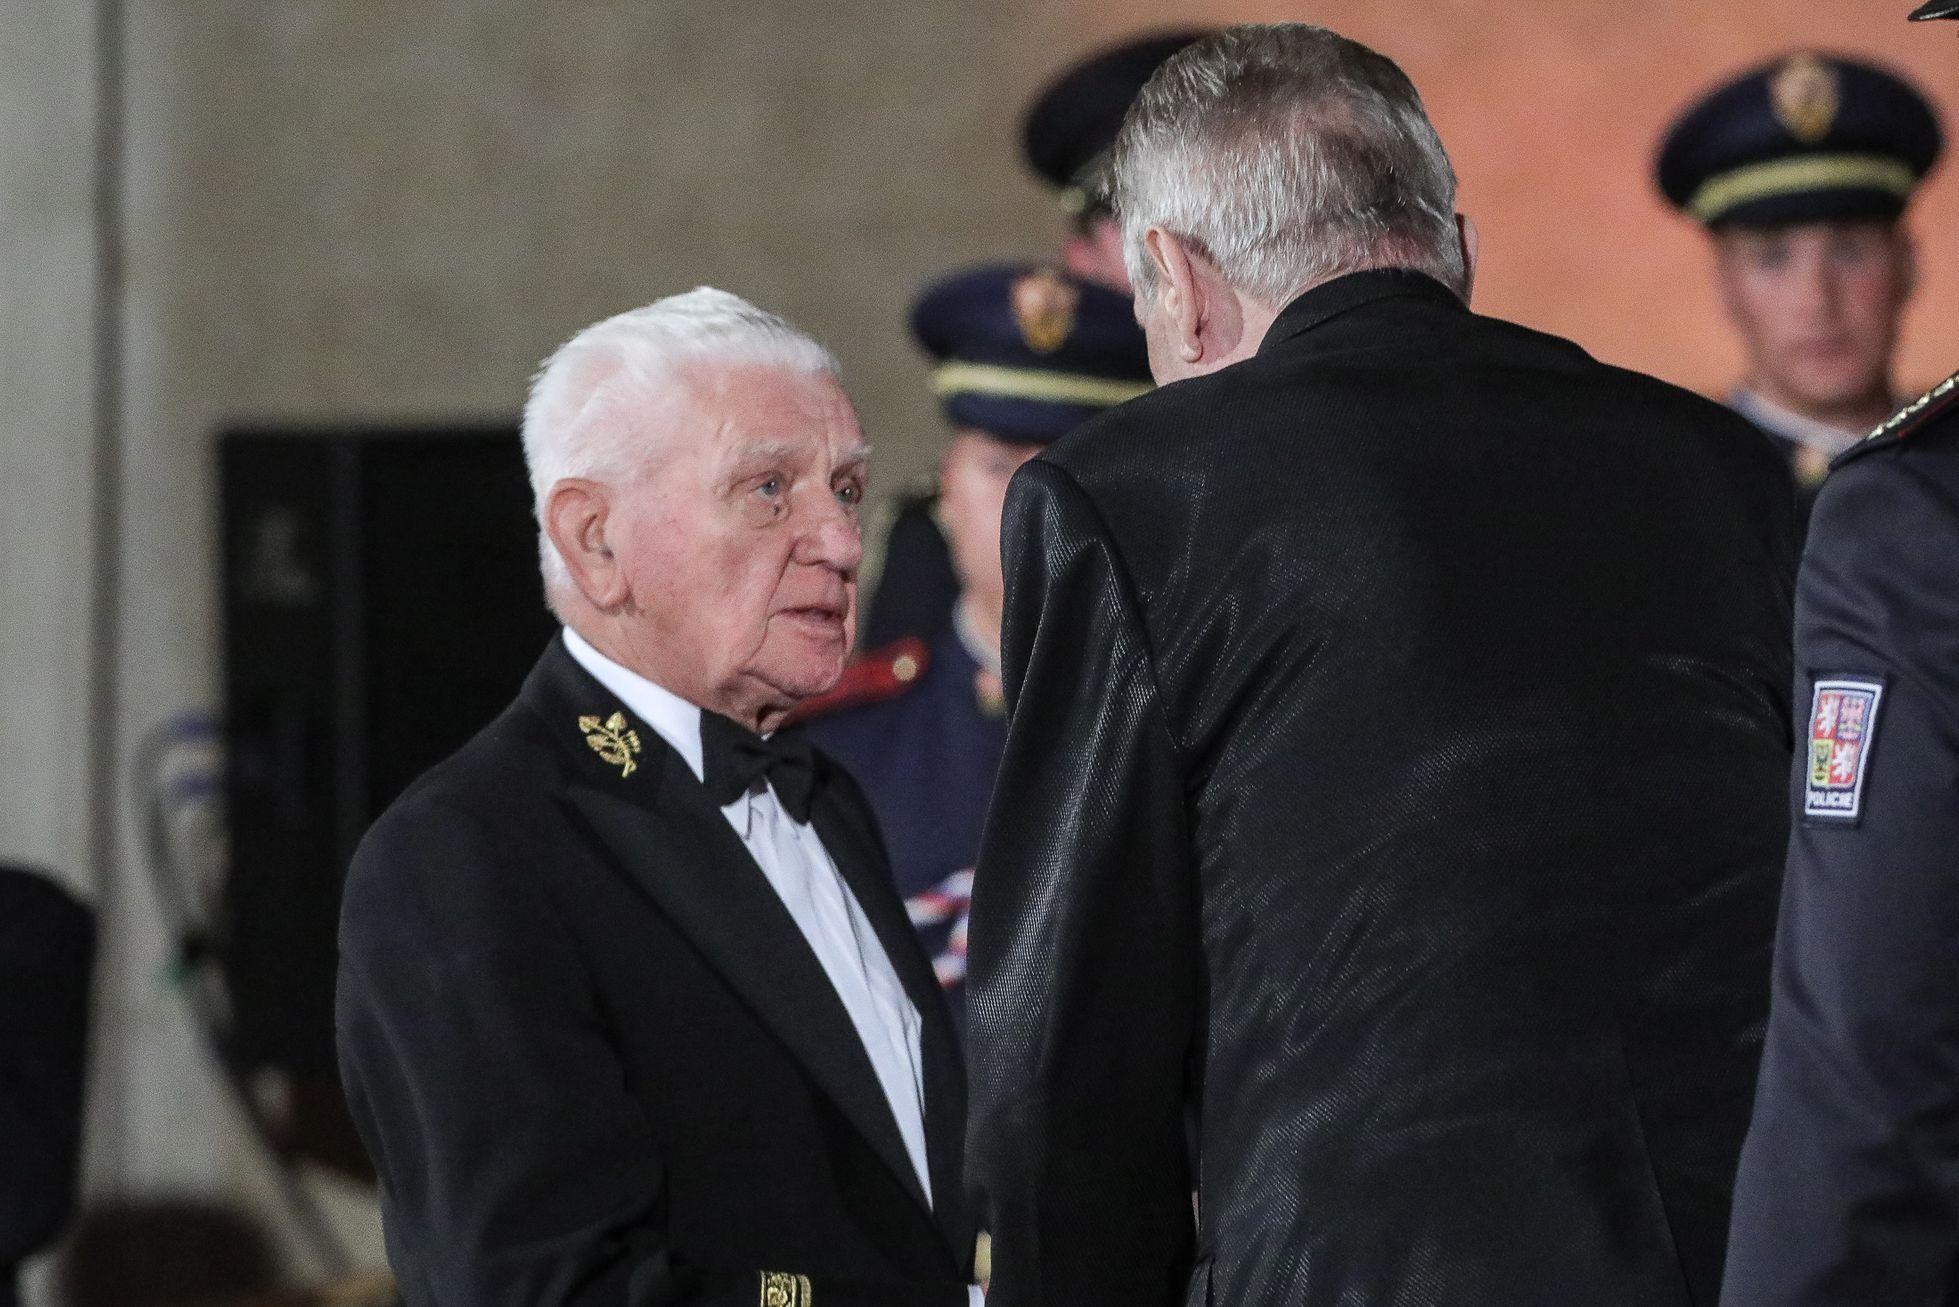 První medaili obdržel in memoriam Jan Antonín Baťa, druhou pak už zmiňovaný válečný hrdina Boček.